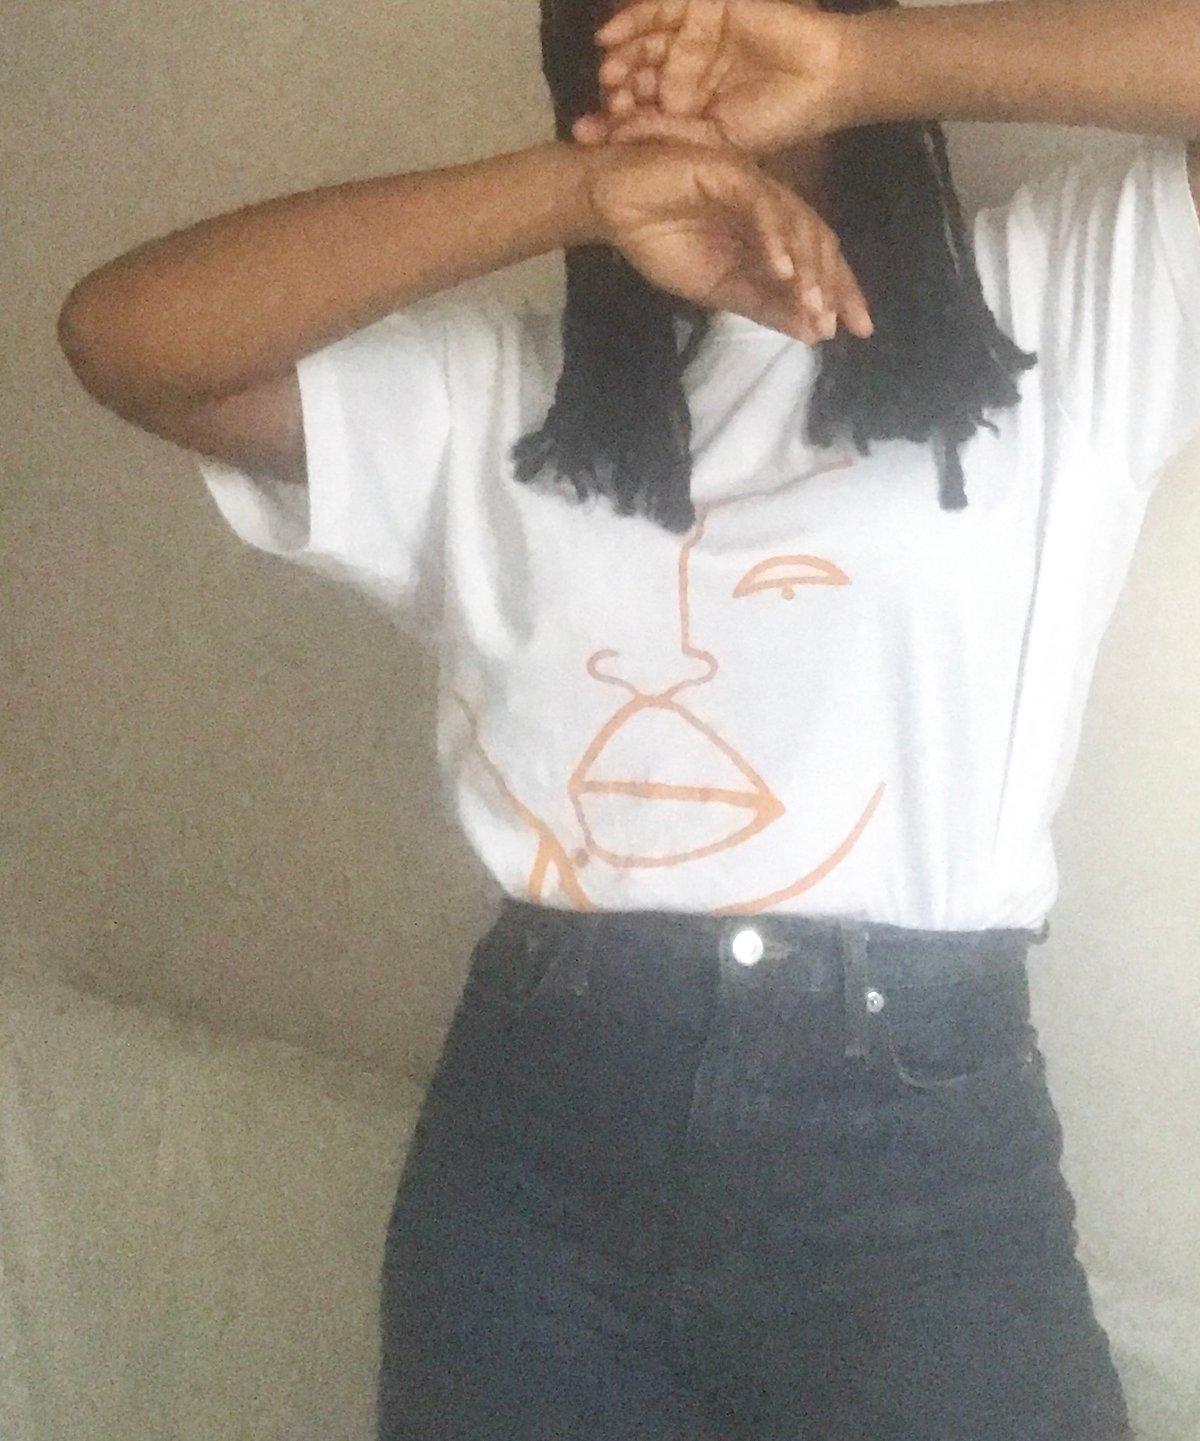 Image of soul tshirt